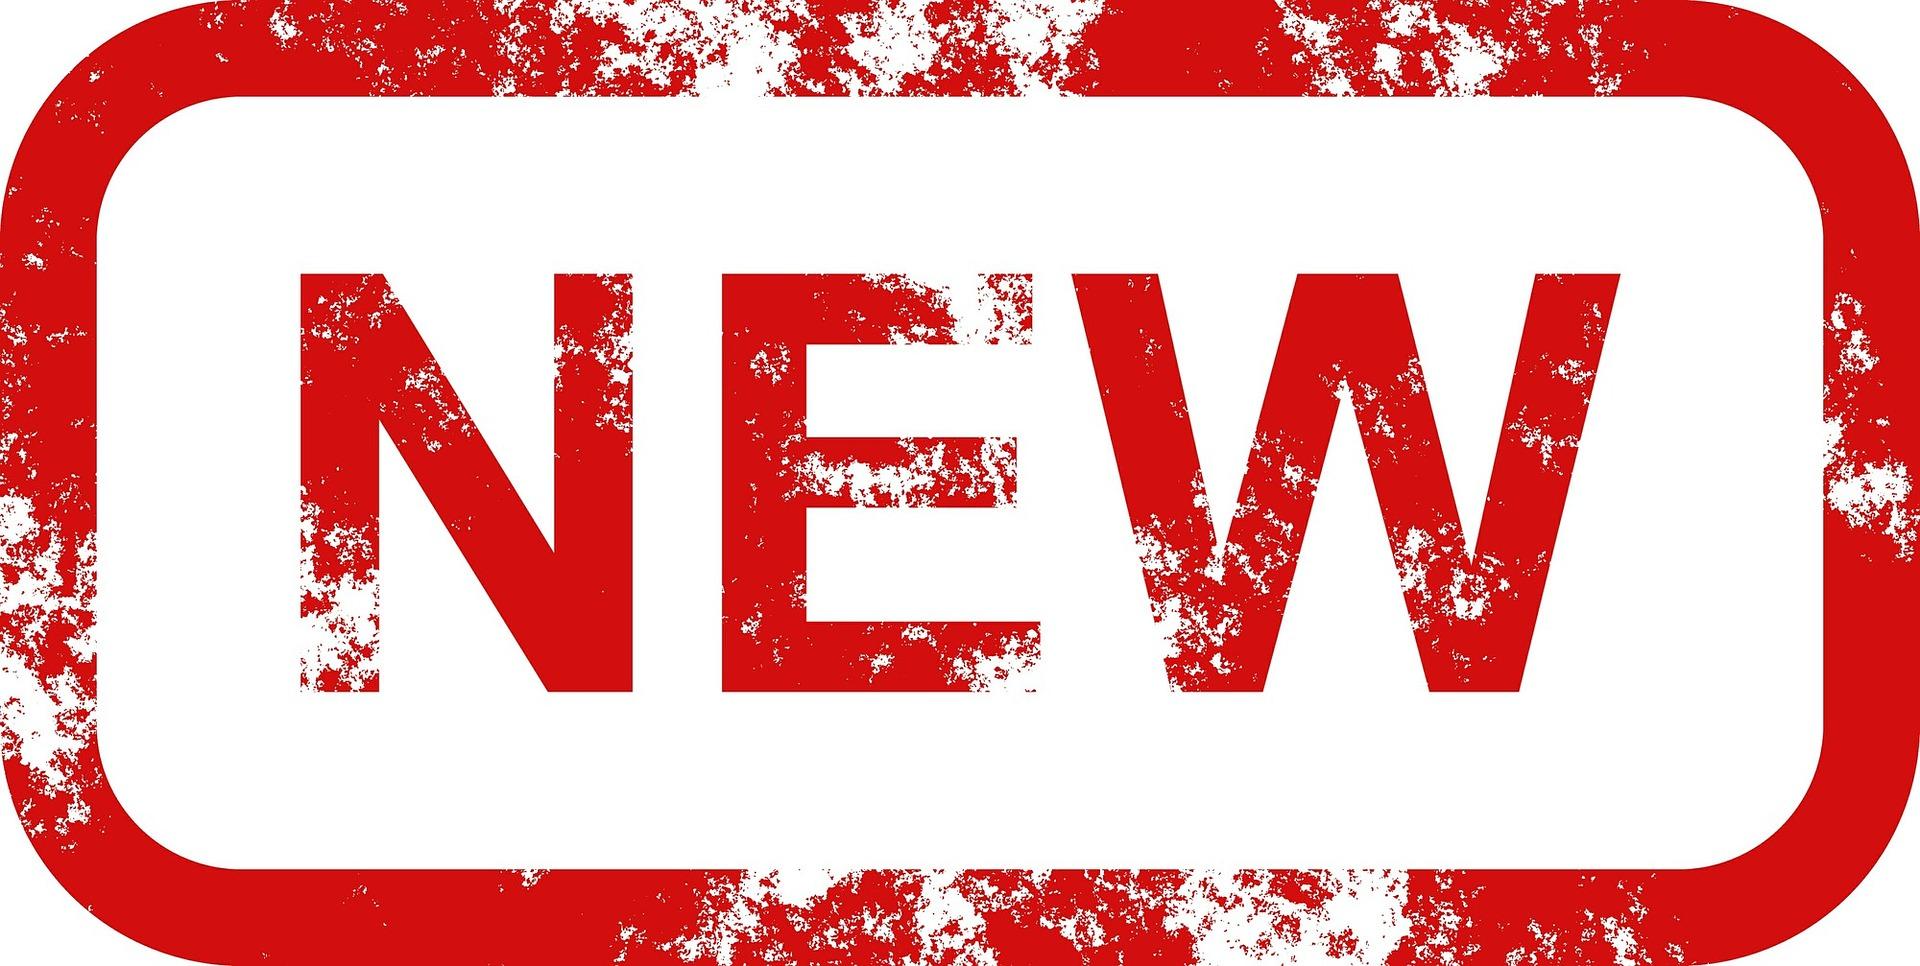 ソフトバンク 2019年夏モデル情報|おすすめ新機種と発売時期まとめ